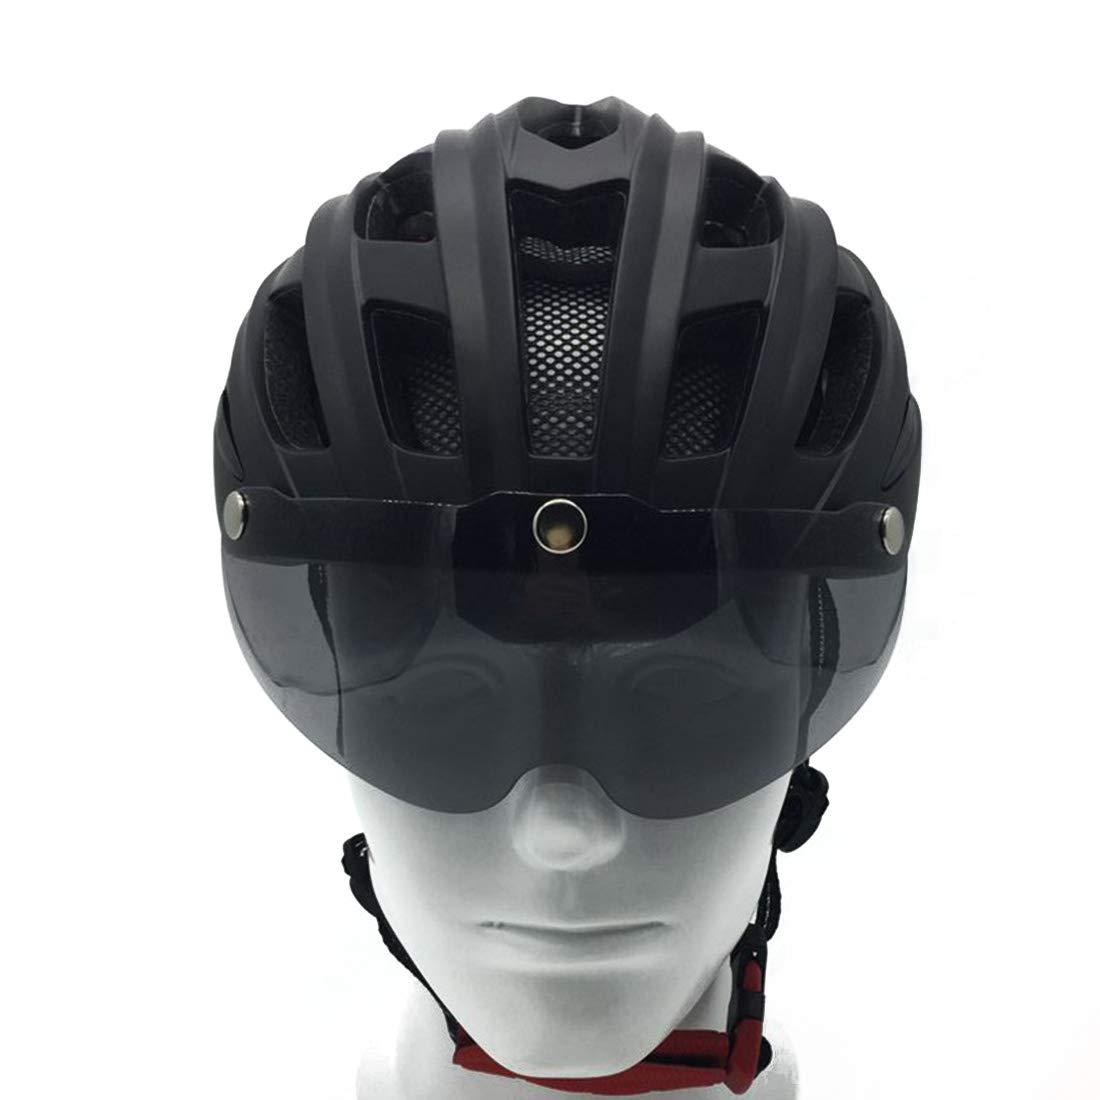 Dhrfyktu Erwachsener Fahrradhelm Fahrrad Reithelm Fahrrad Schutzhelm Geeignet für Outdoor-Radsportler.